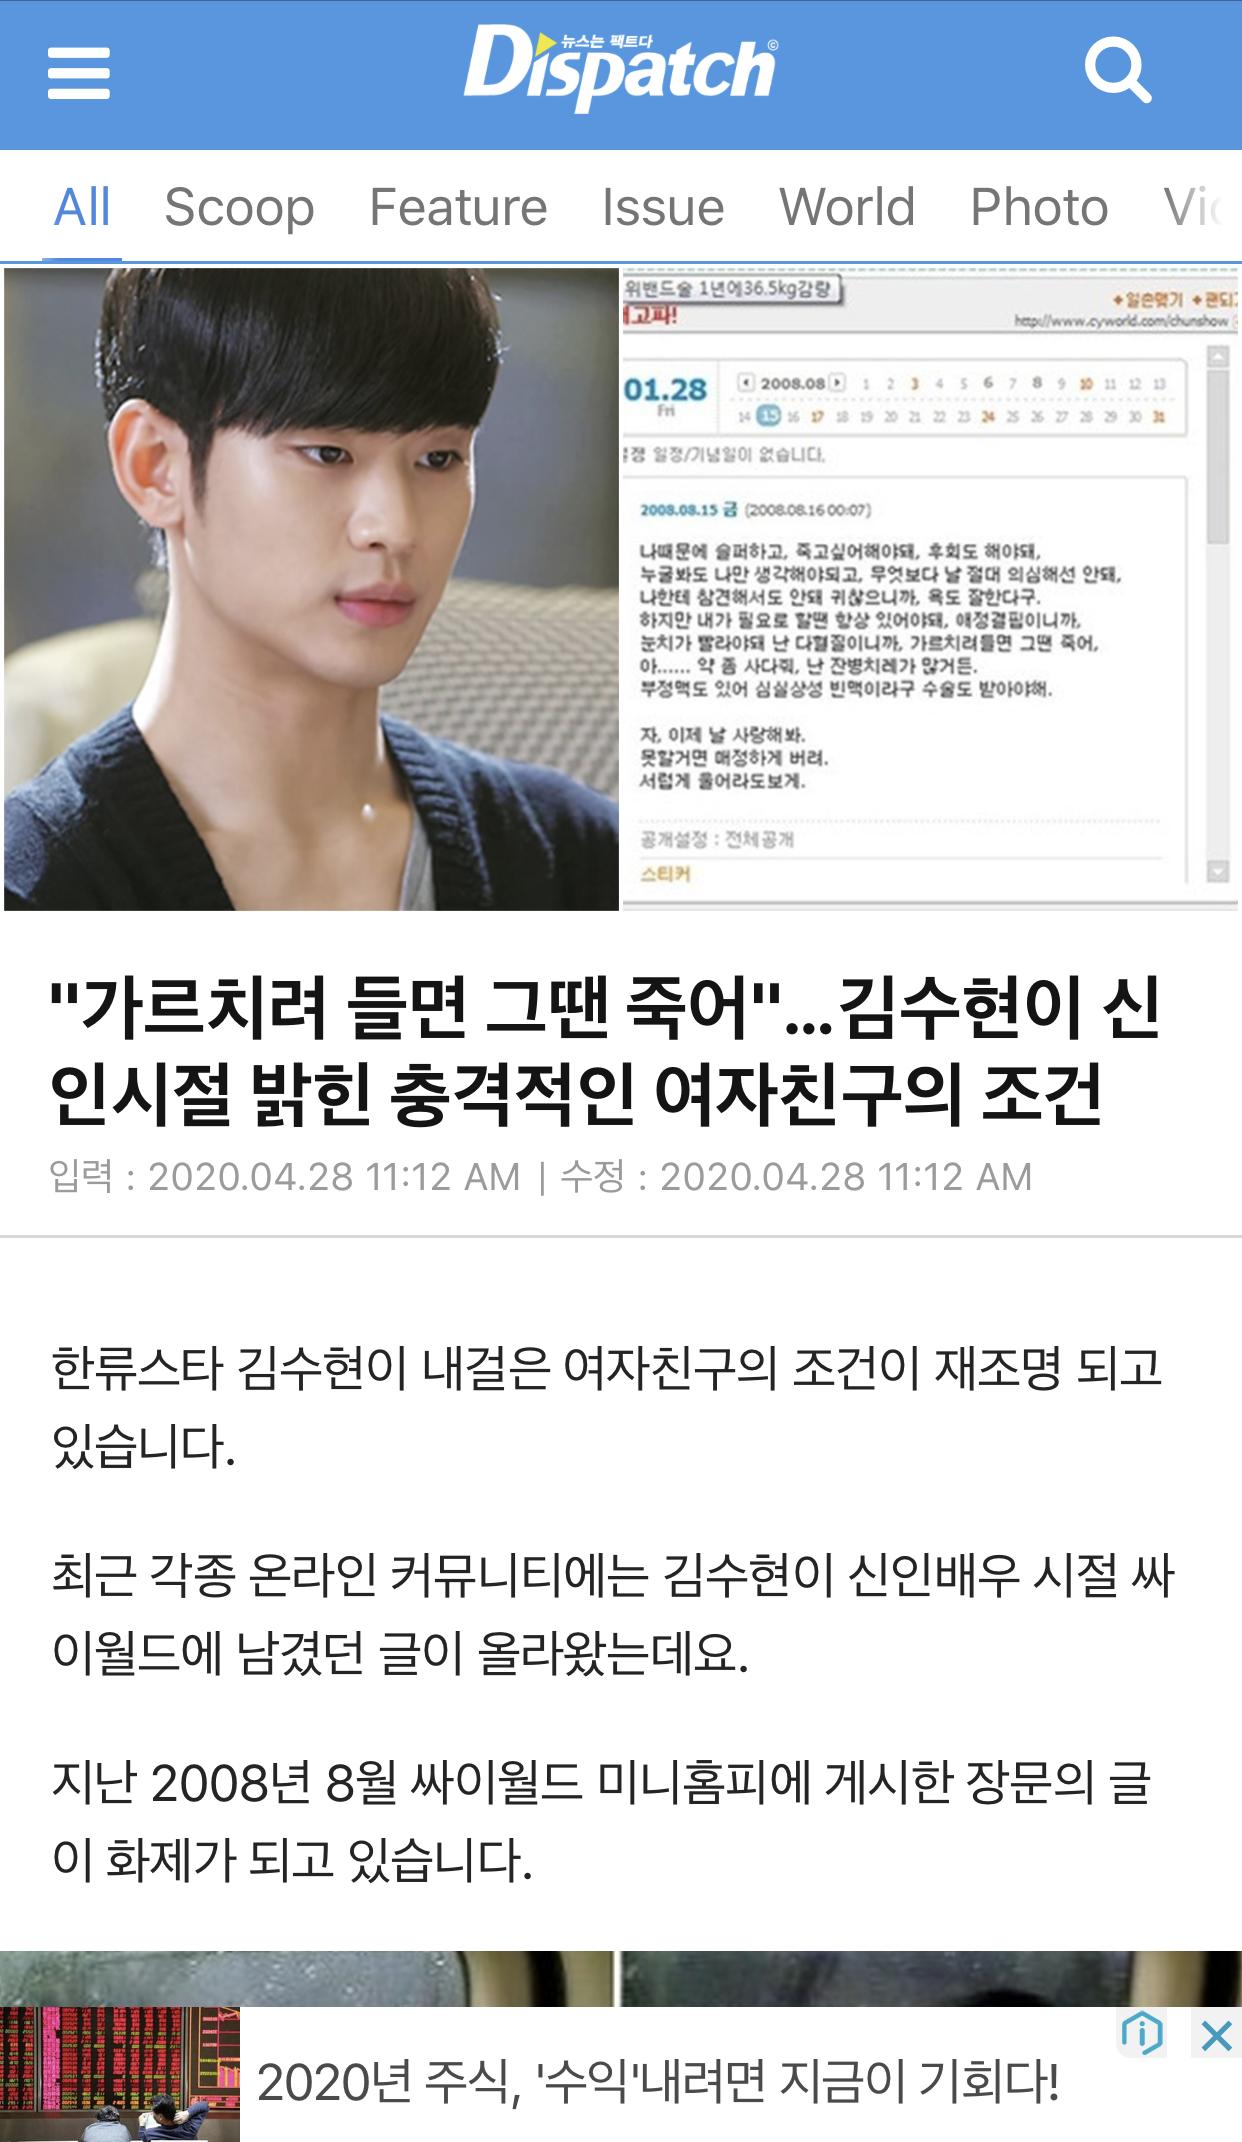 Sốc vì list điều kiện tình cũ ép tài tử Vì sao đưa anh tới Kim Soo Hyun tuân theo 12 năm trước: Anh phải chết vì em - Ảnh 4.